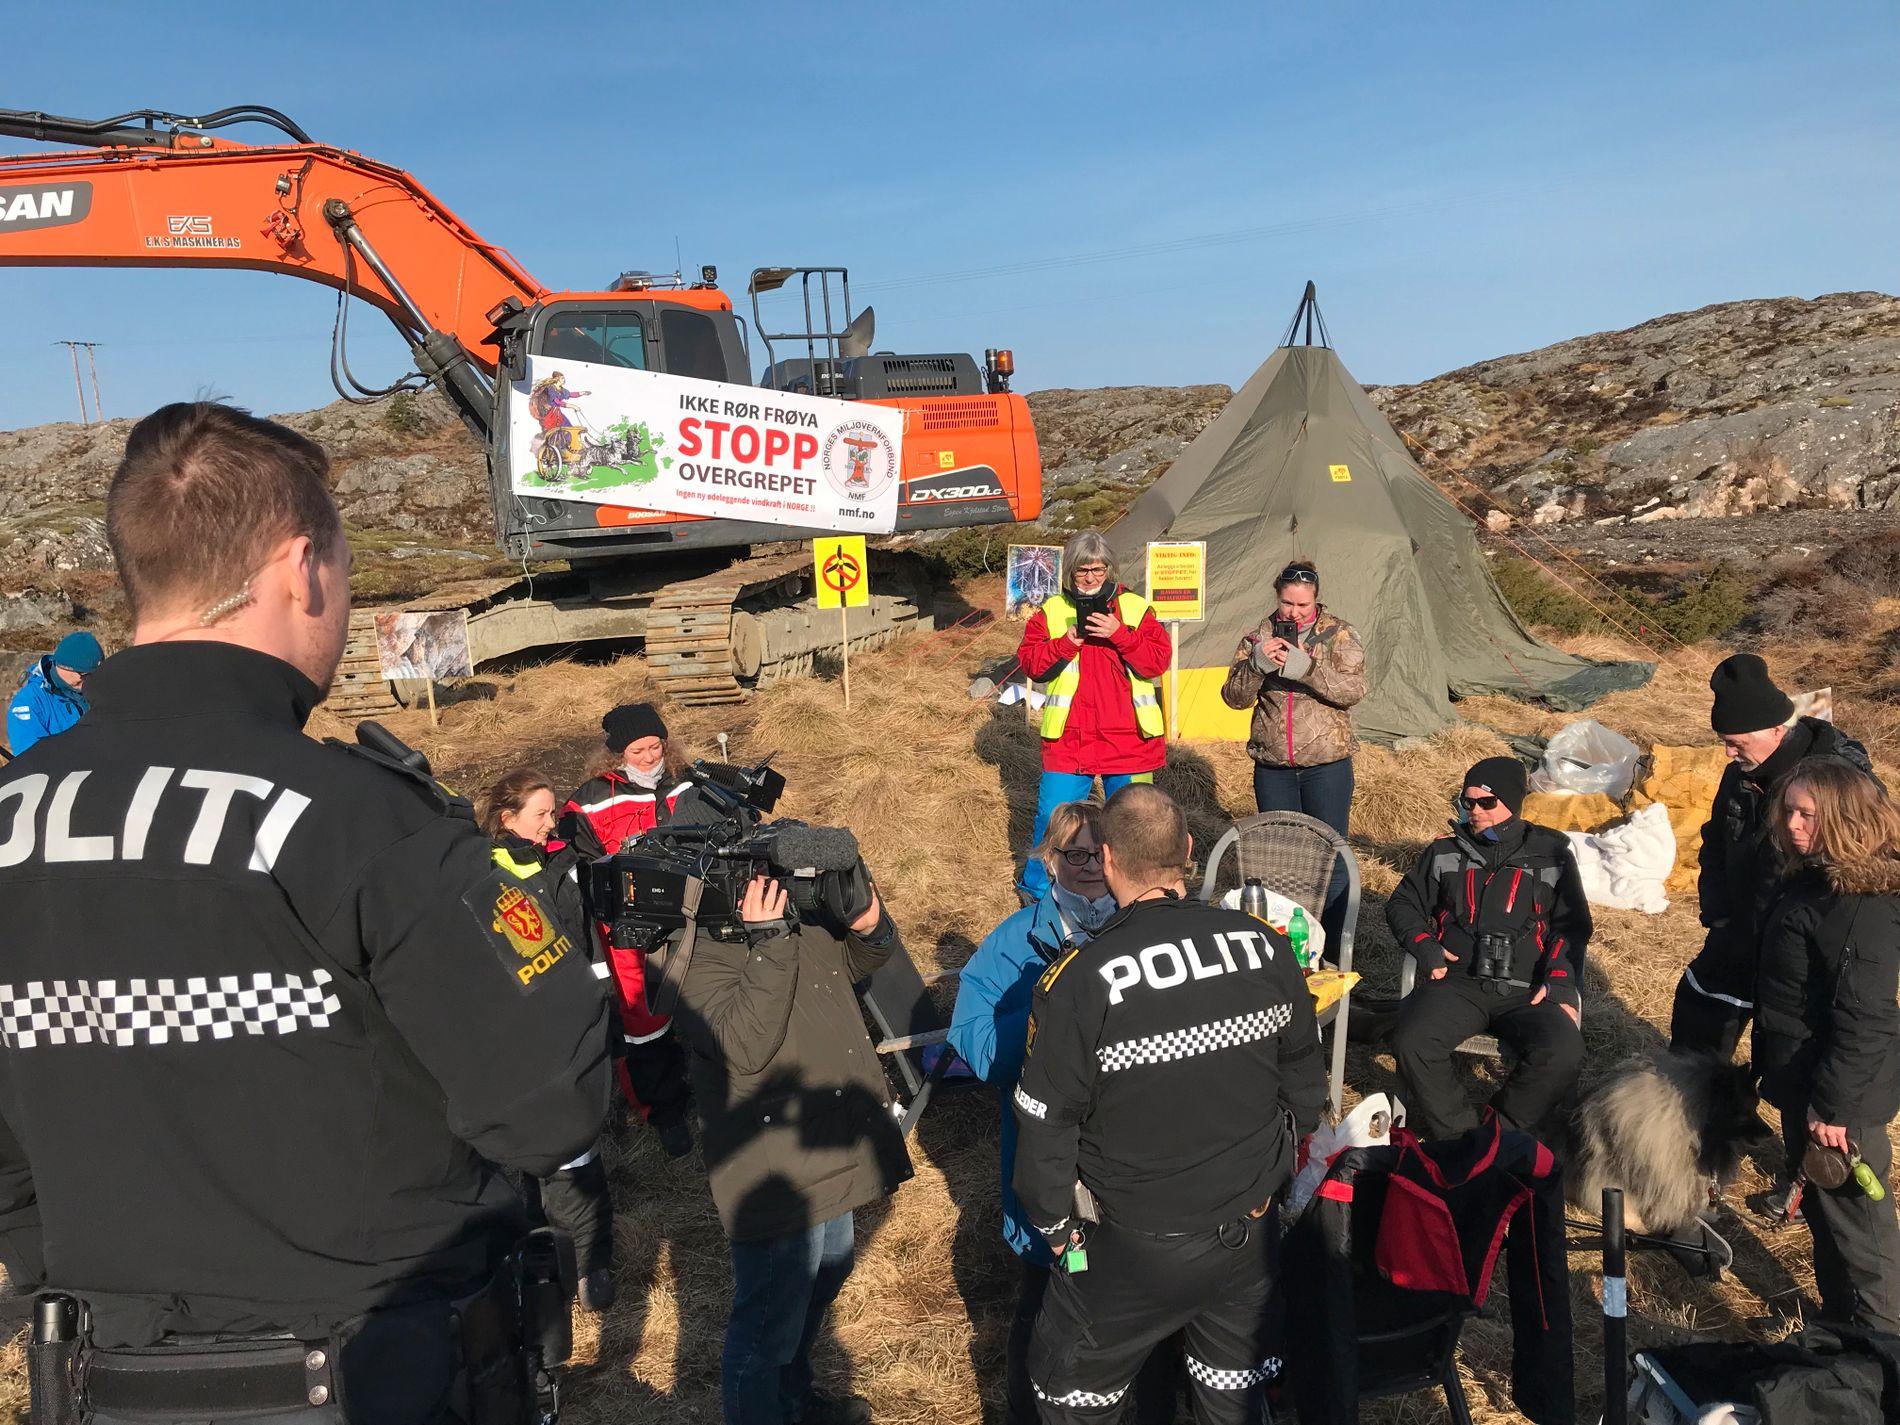 KONTAKTET POLITIET: Trønderenergi kontaktet tidligere denne uken politiet for å få fjernet det de mener er en ulovlig aksjon, uten at de forsvant da.